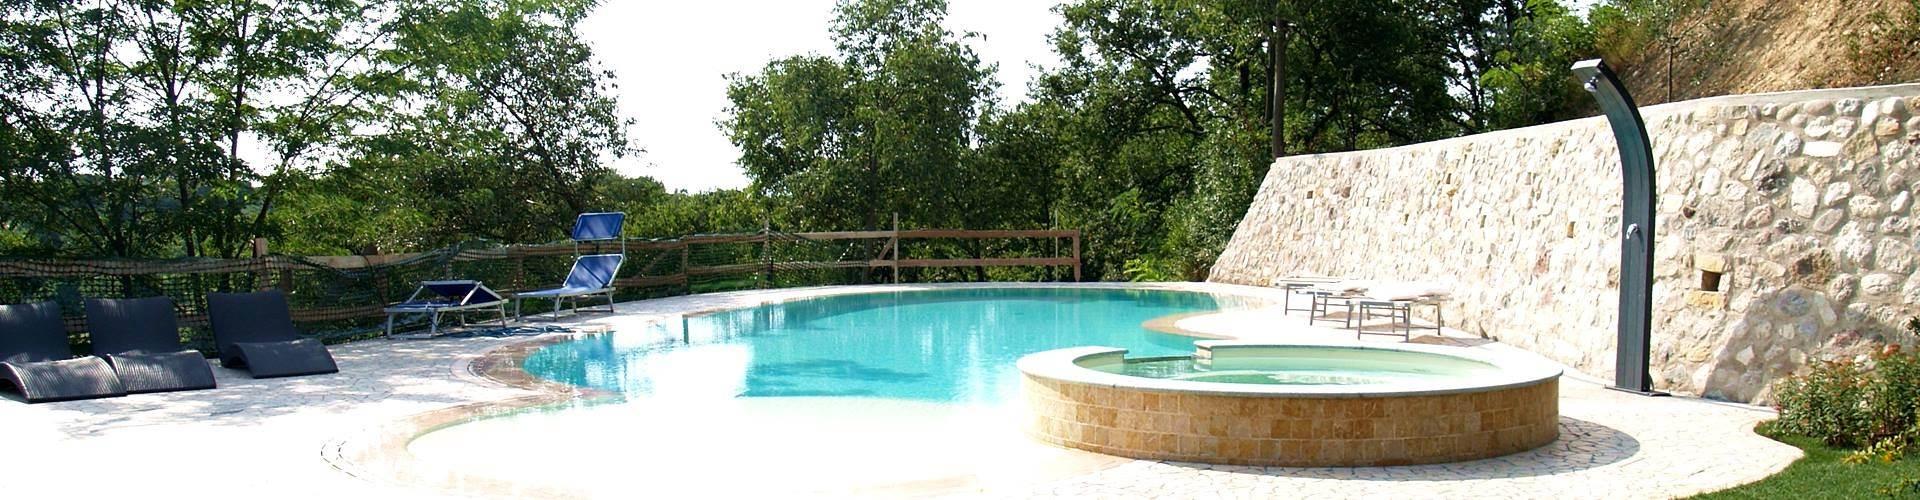 Accessori per piscine mantova mn accessori per piscine for Accessori per piscine